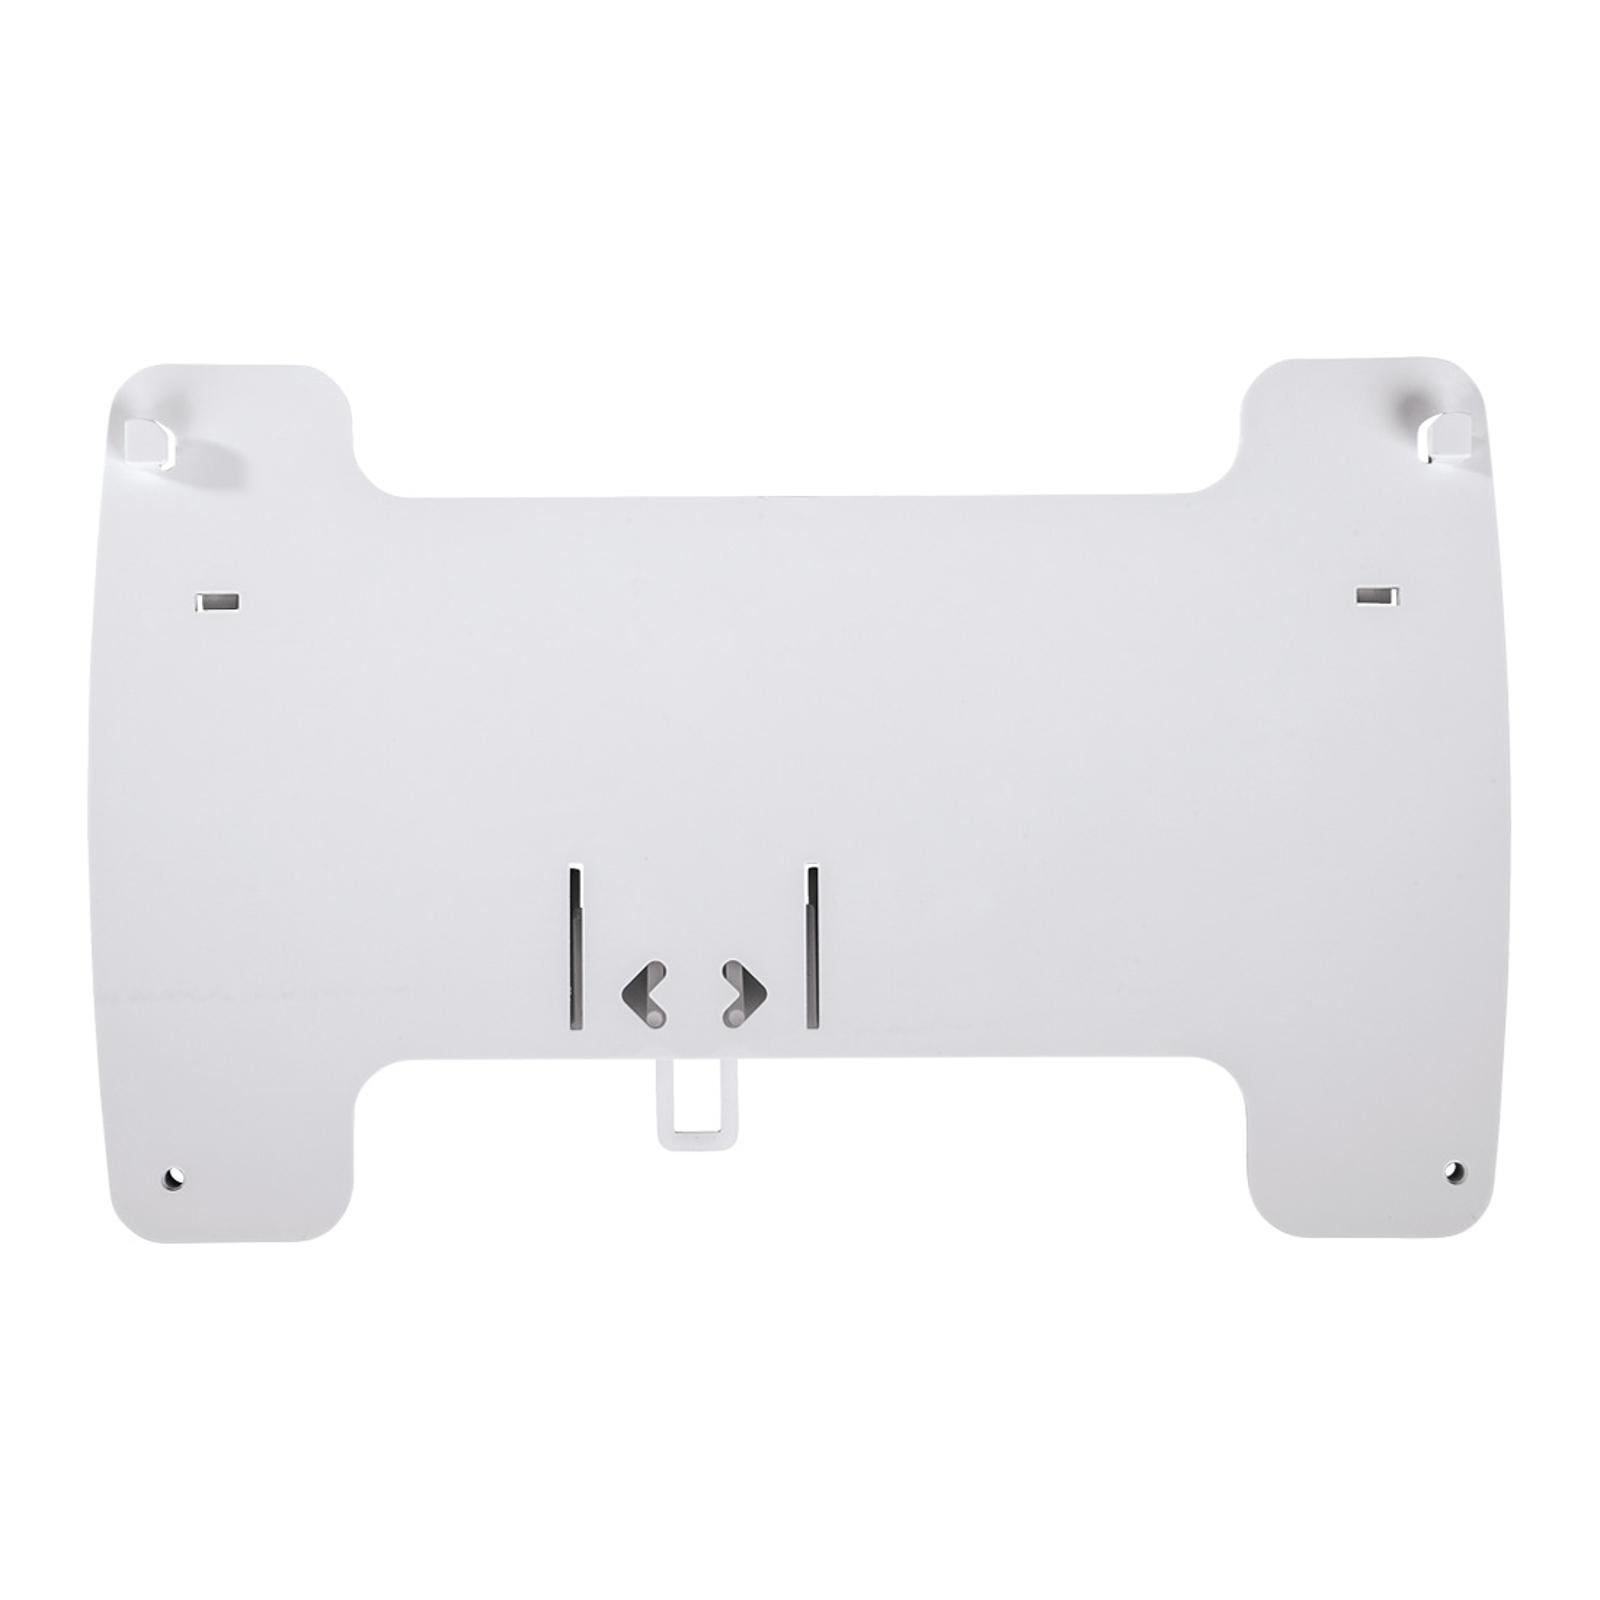 Homematic IP DIN-skenadapter för Multi IO box